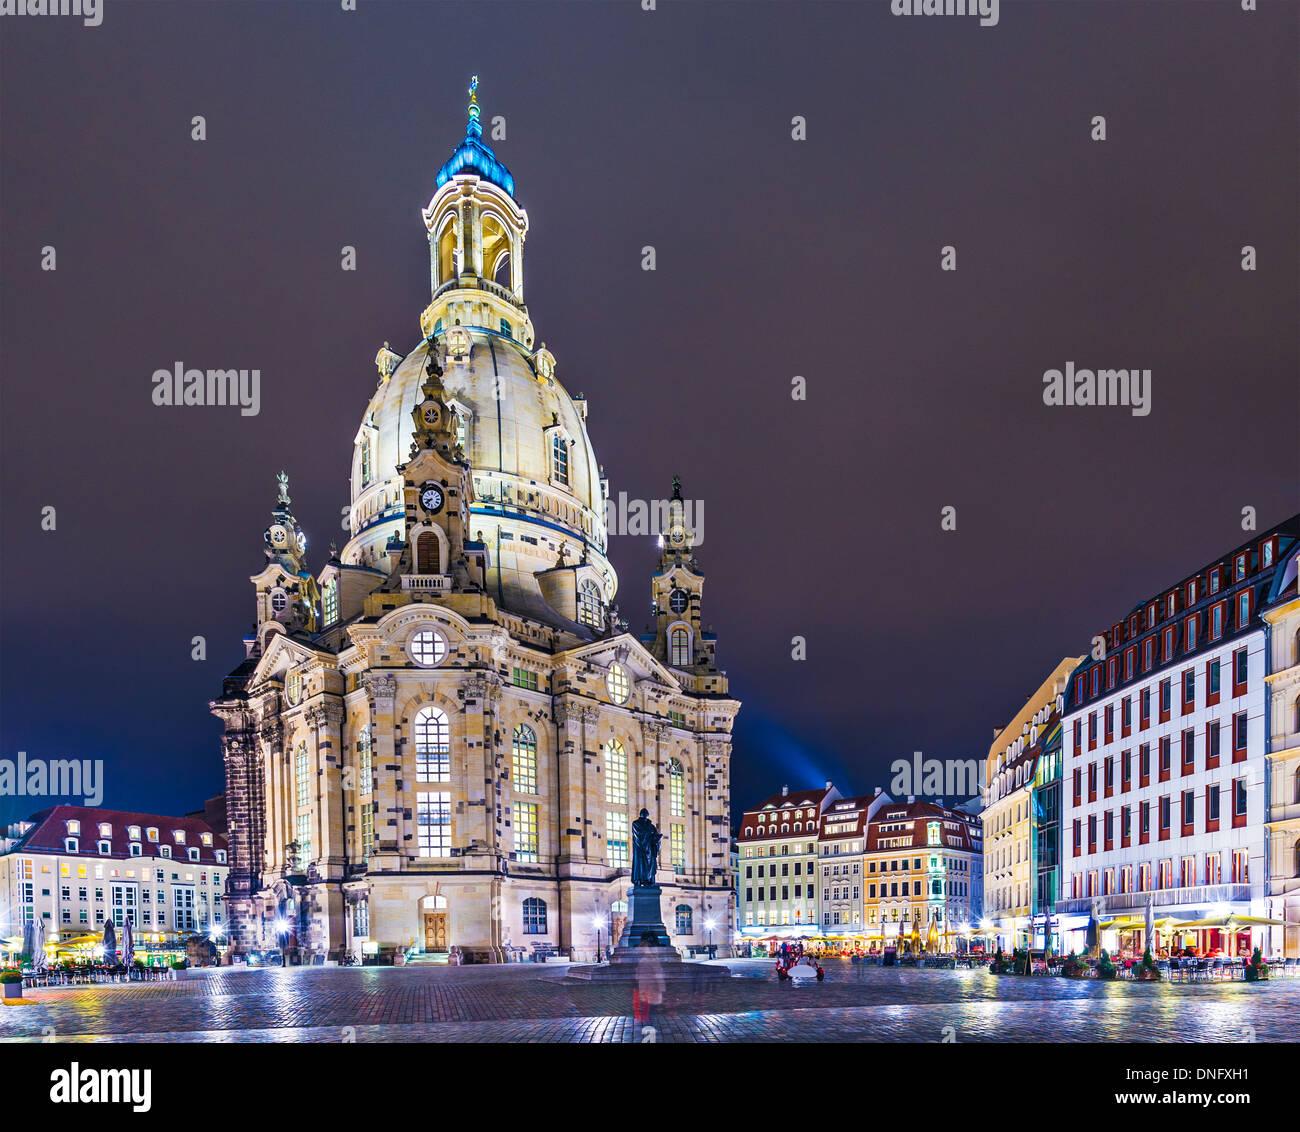 Dresden, Deutschland am Neumarkt-Platz. Stockbild